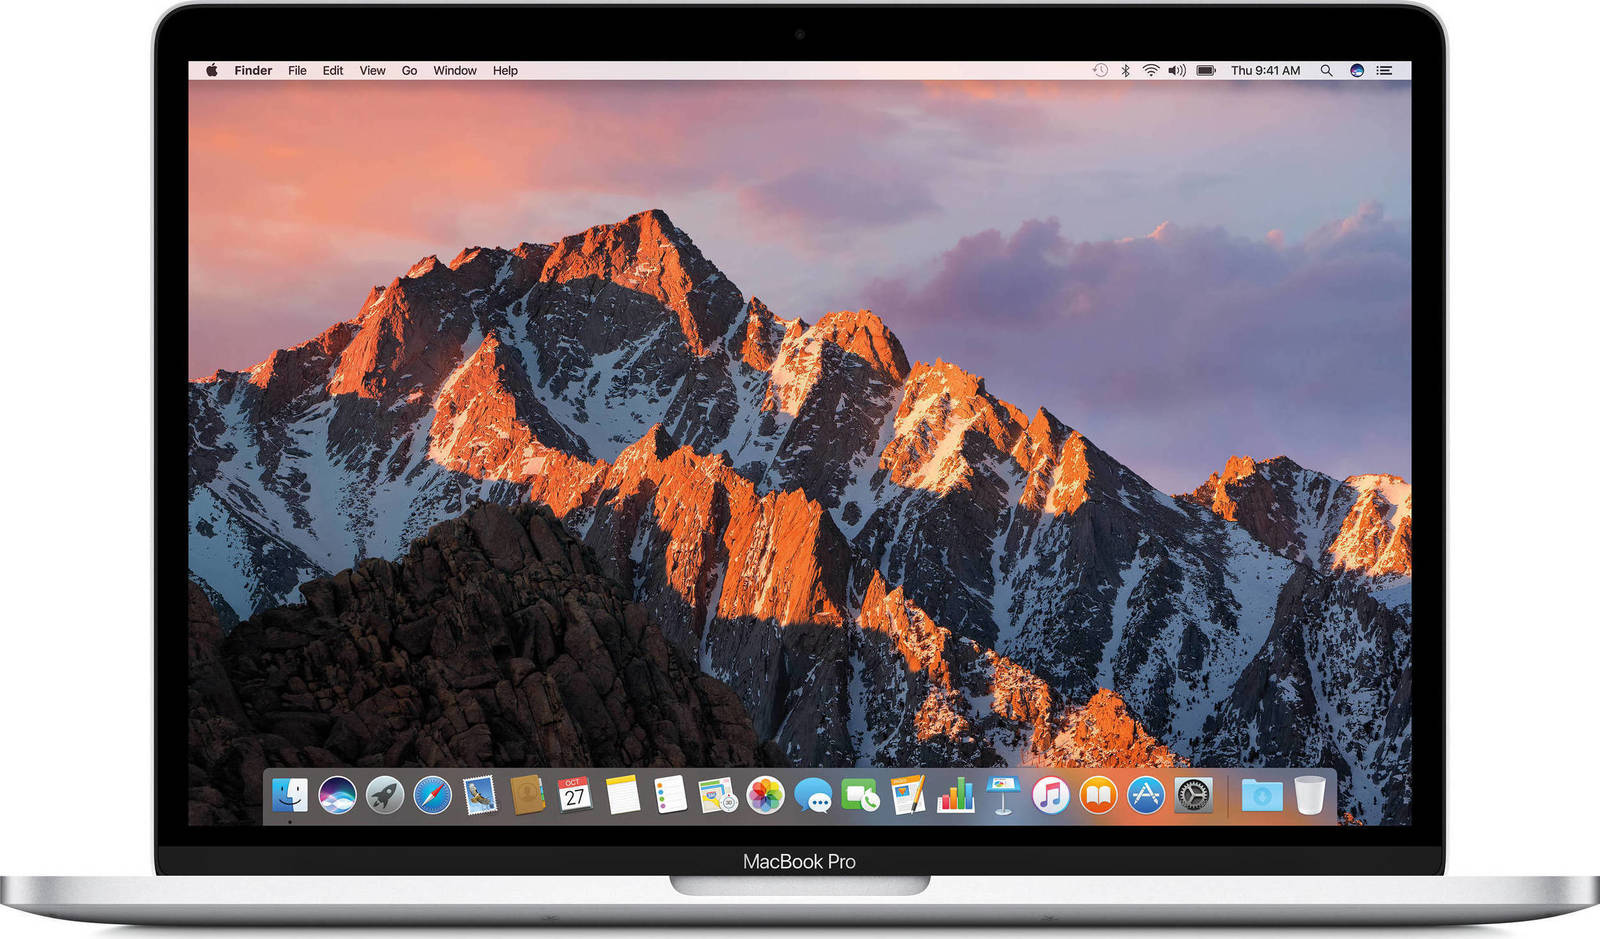 Apple MacBook Pro MPXU2 13.3'' 2.3GHz i5/8GB/256GB Silver English Keyboard Με Αντάπτορα Πληρωμή έως 24 δόσεις